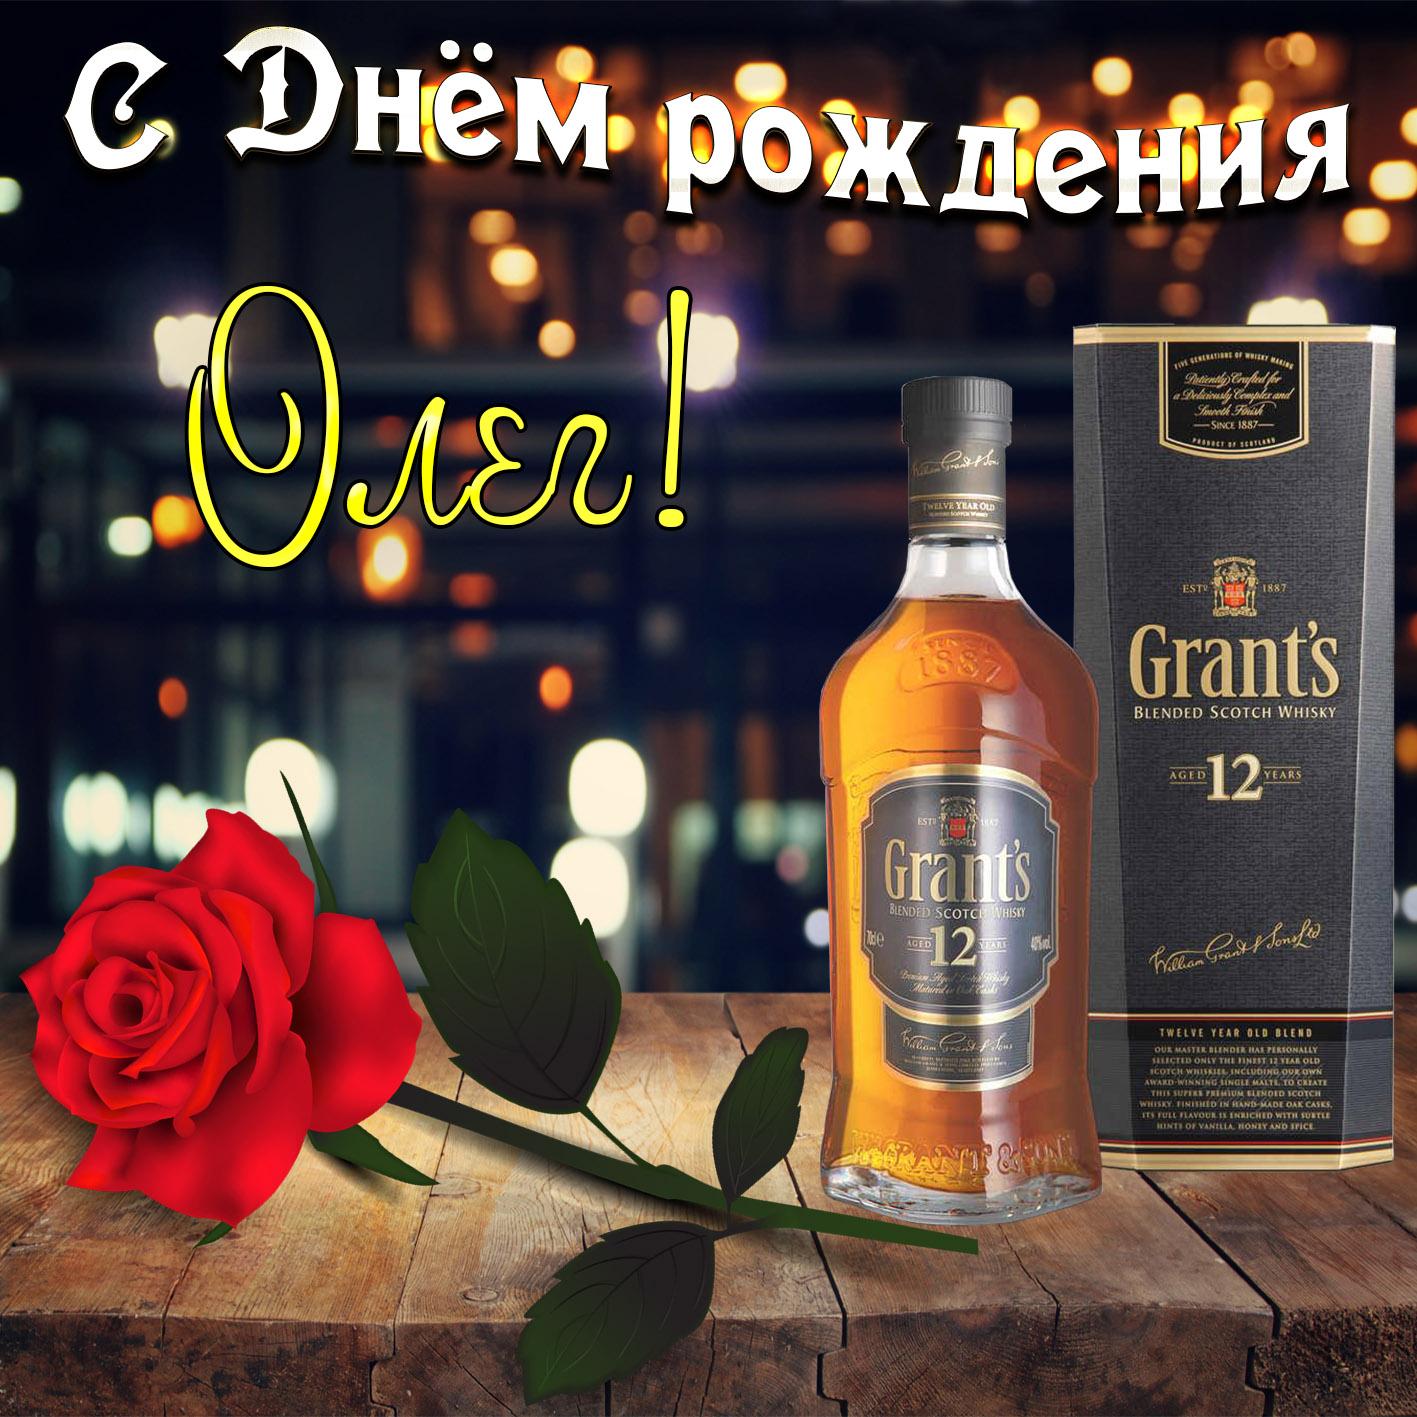 Картинка на День рождения Олегу с розой и хорошим виски